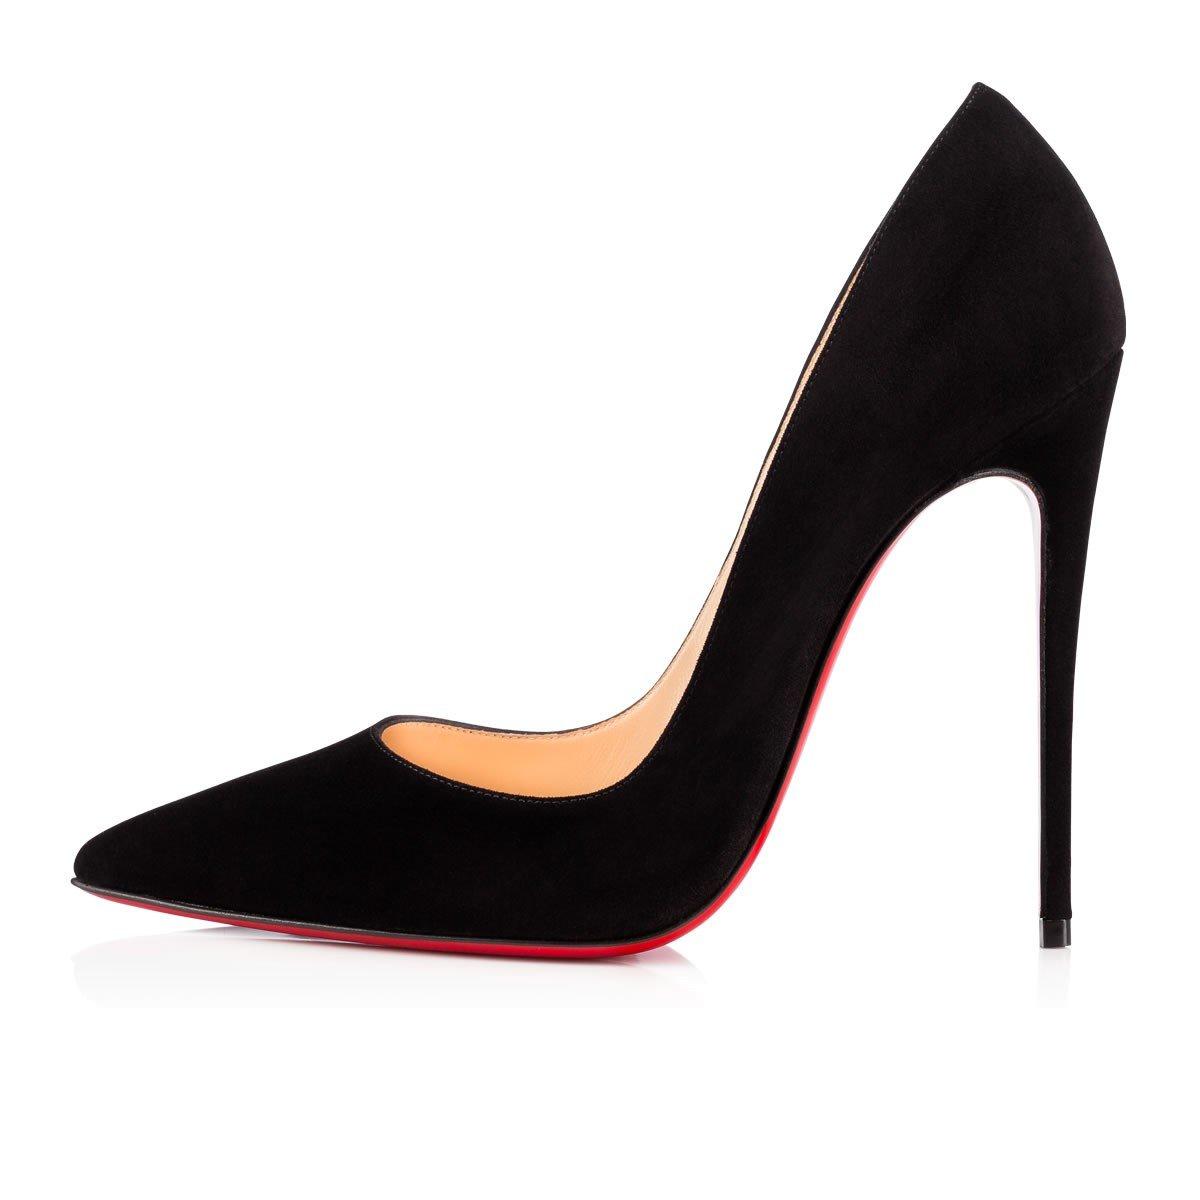 Chris-T Damen Formal Spitze Pumps Grund Legende Schuhe Hoher Absatz Schuhe Stilettos Sexy Slip-on Kleid Schuhe Absatz Schwarzes Wildleder/R0te Sohle(unterseite) e2739e